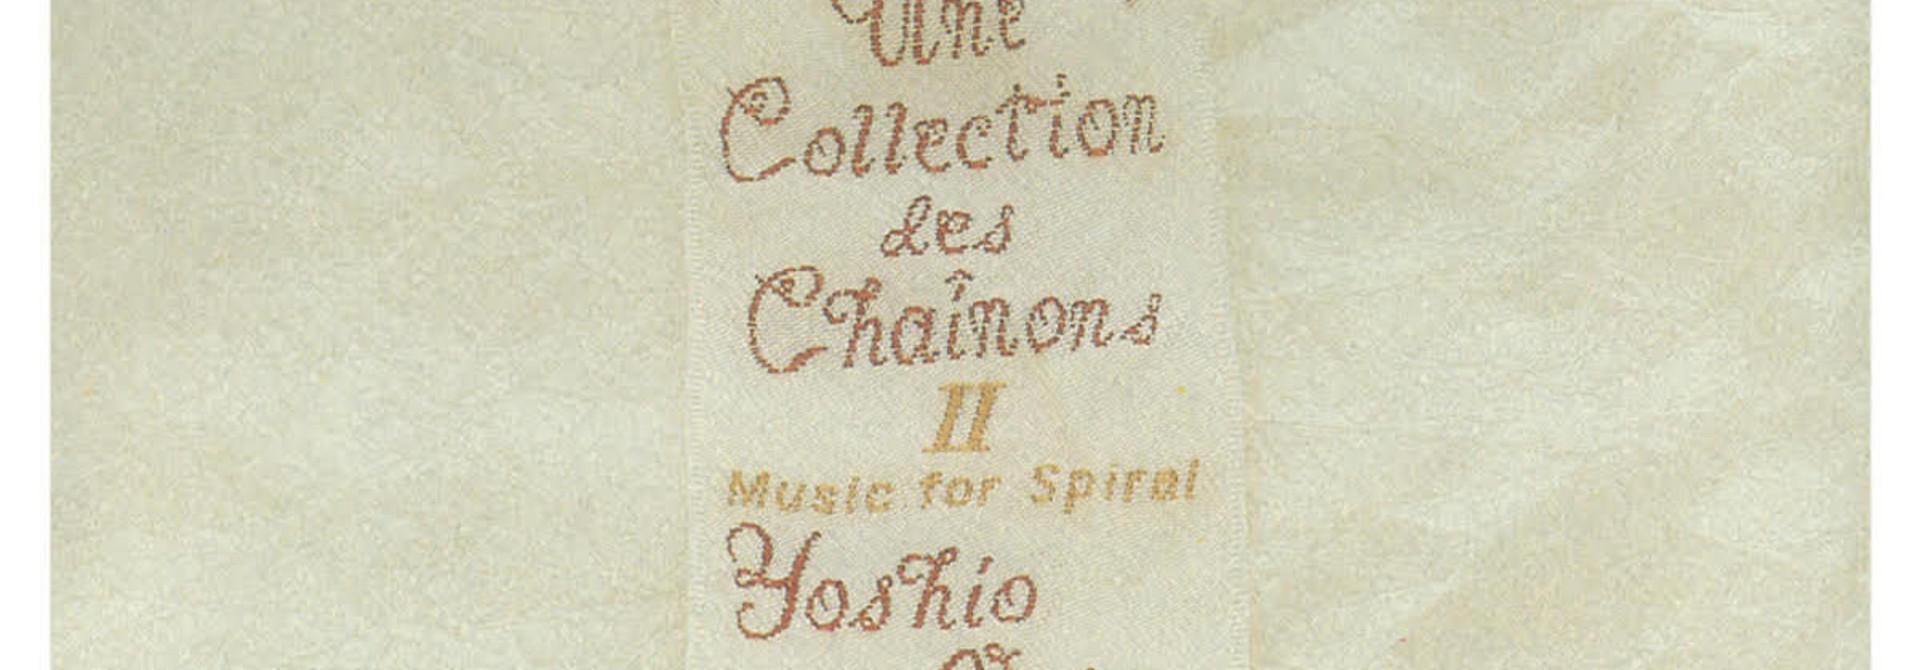 Yoshio Ojima • Une Collection des Chaînons 2 : Music For Spiral